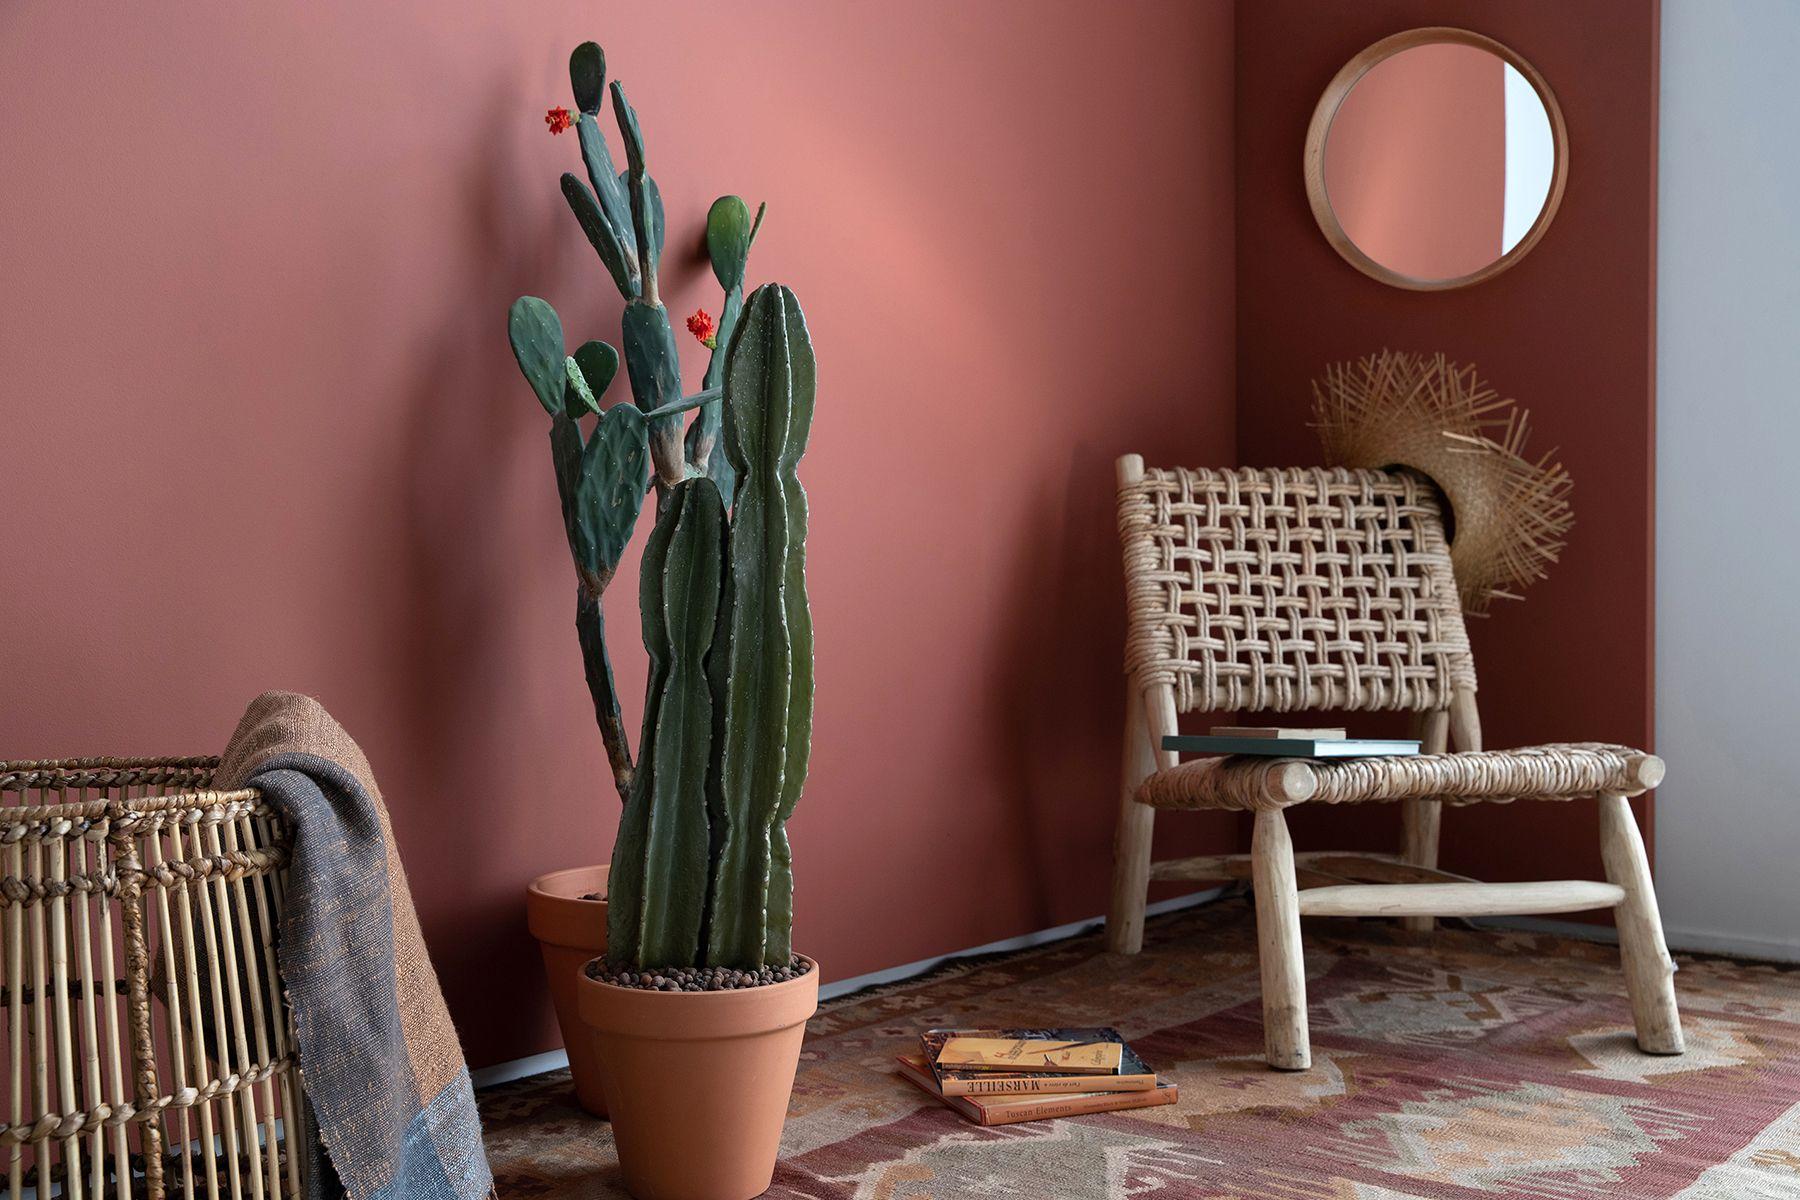 Teintes Flamant By Tollens 2020 En 2020 Peinture Interieur Maison Deco Entree Maison Couleur Terracotta